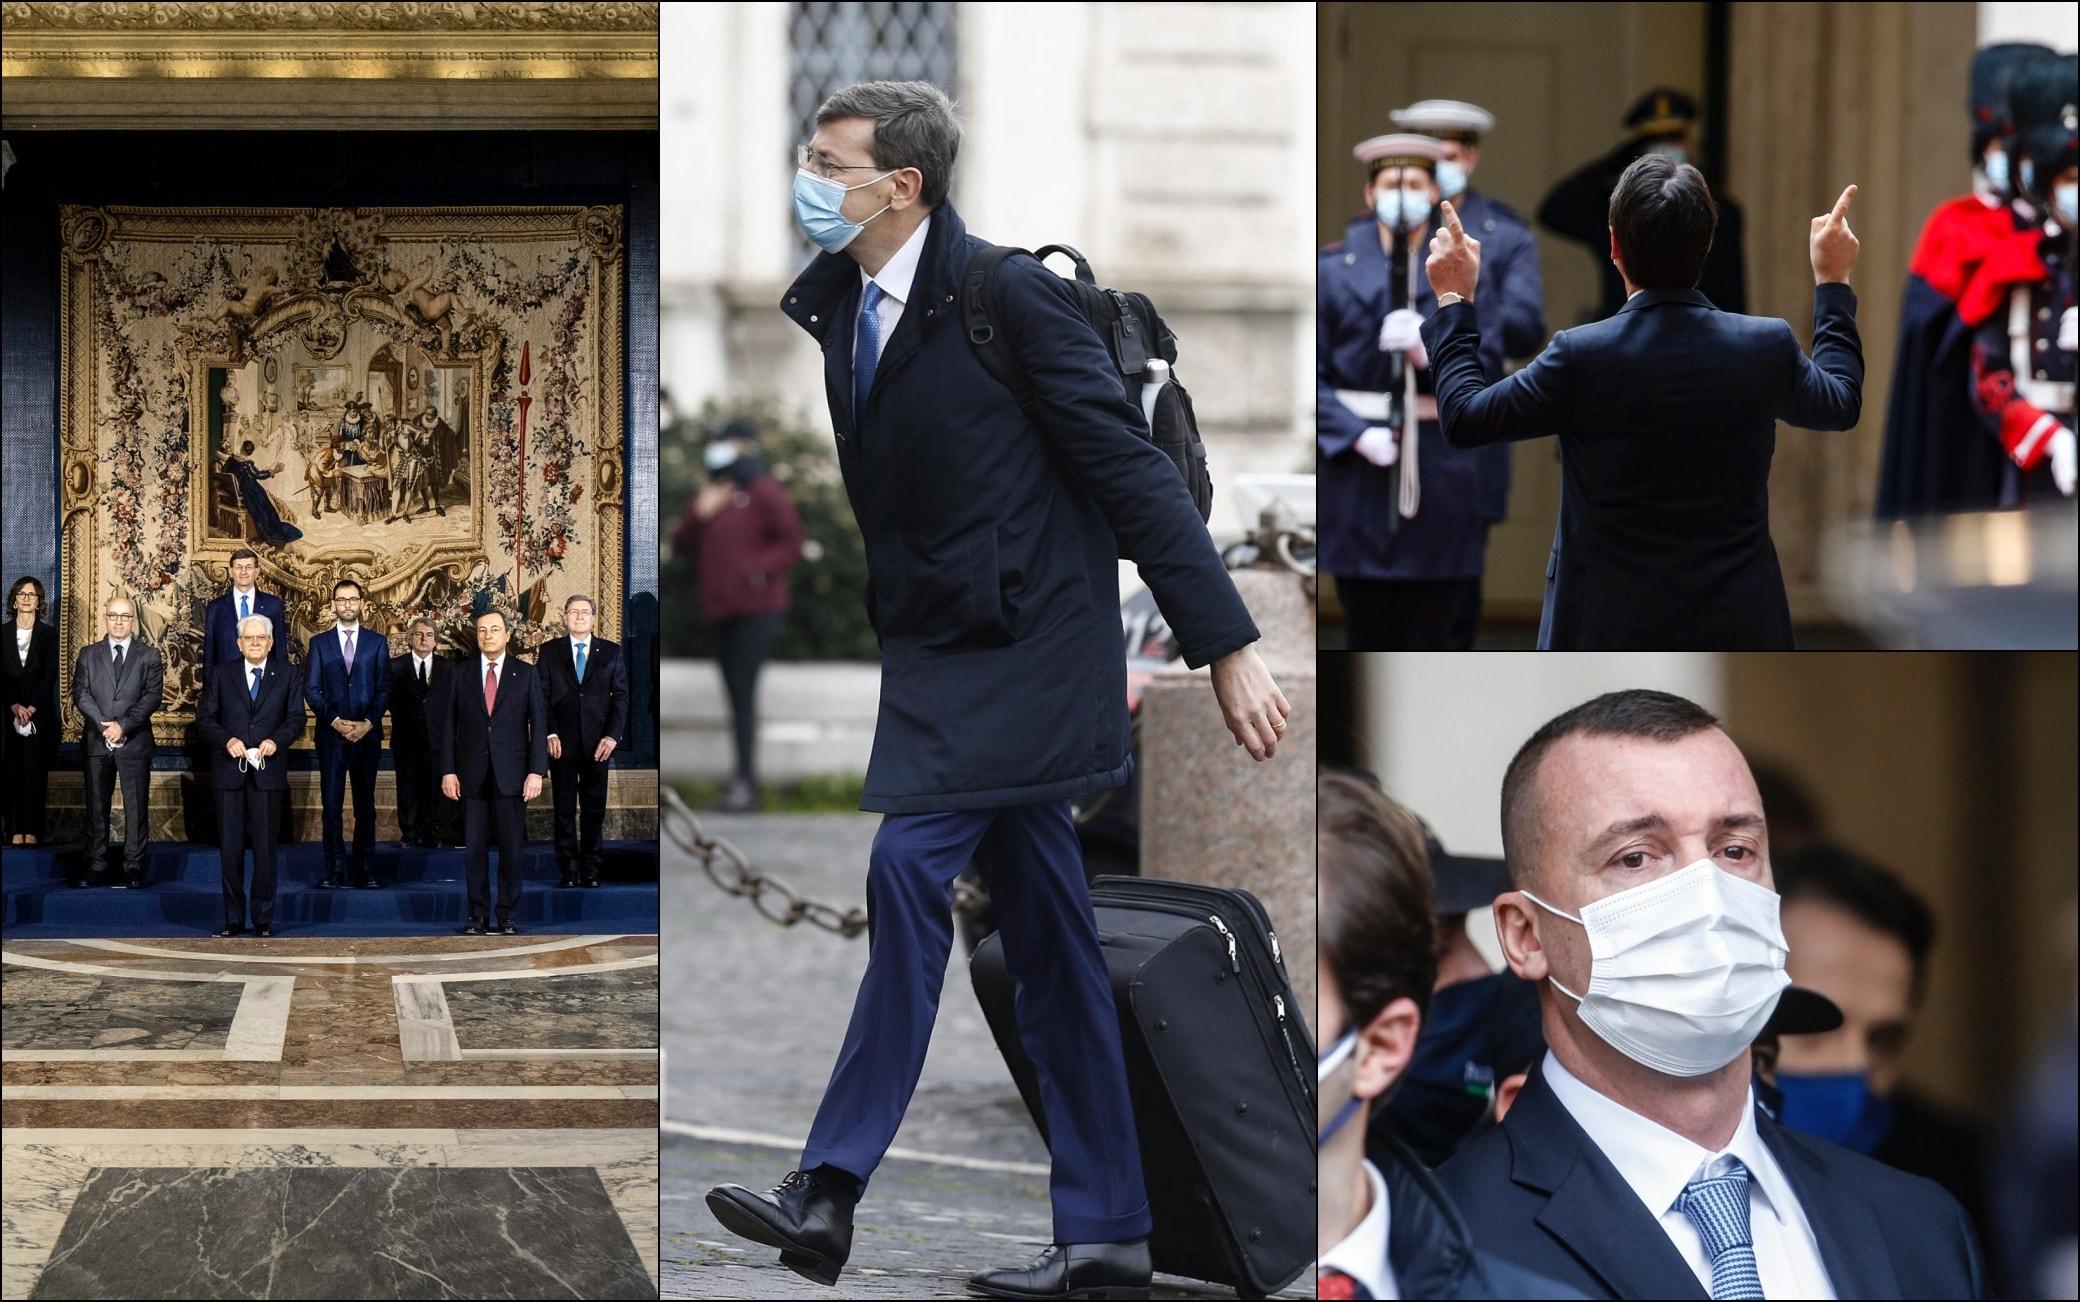 Nuovo governo Draghi, dal trolley agli applausi: le foto più curiose